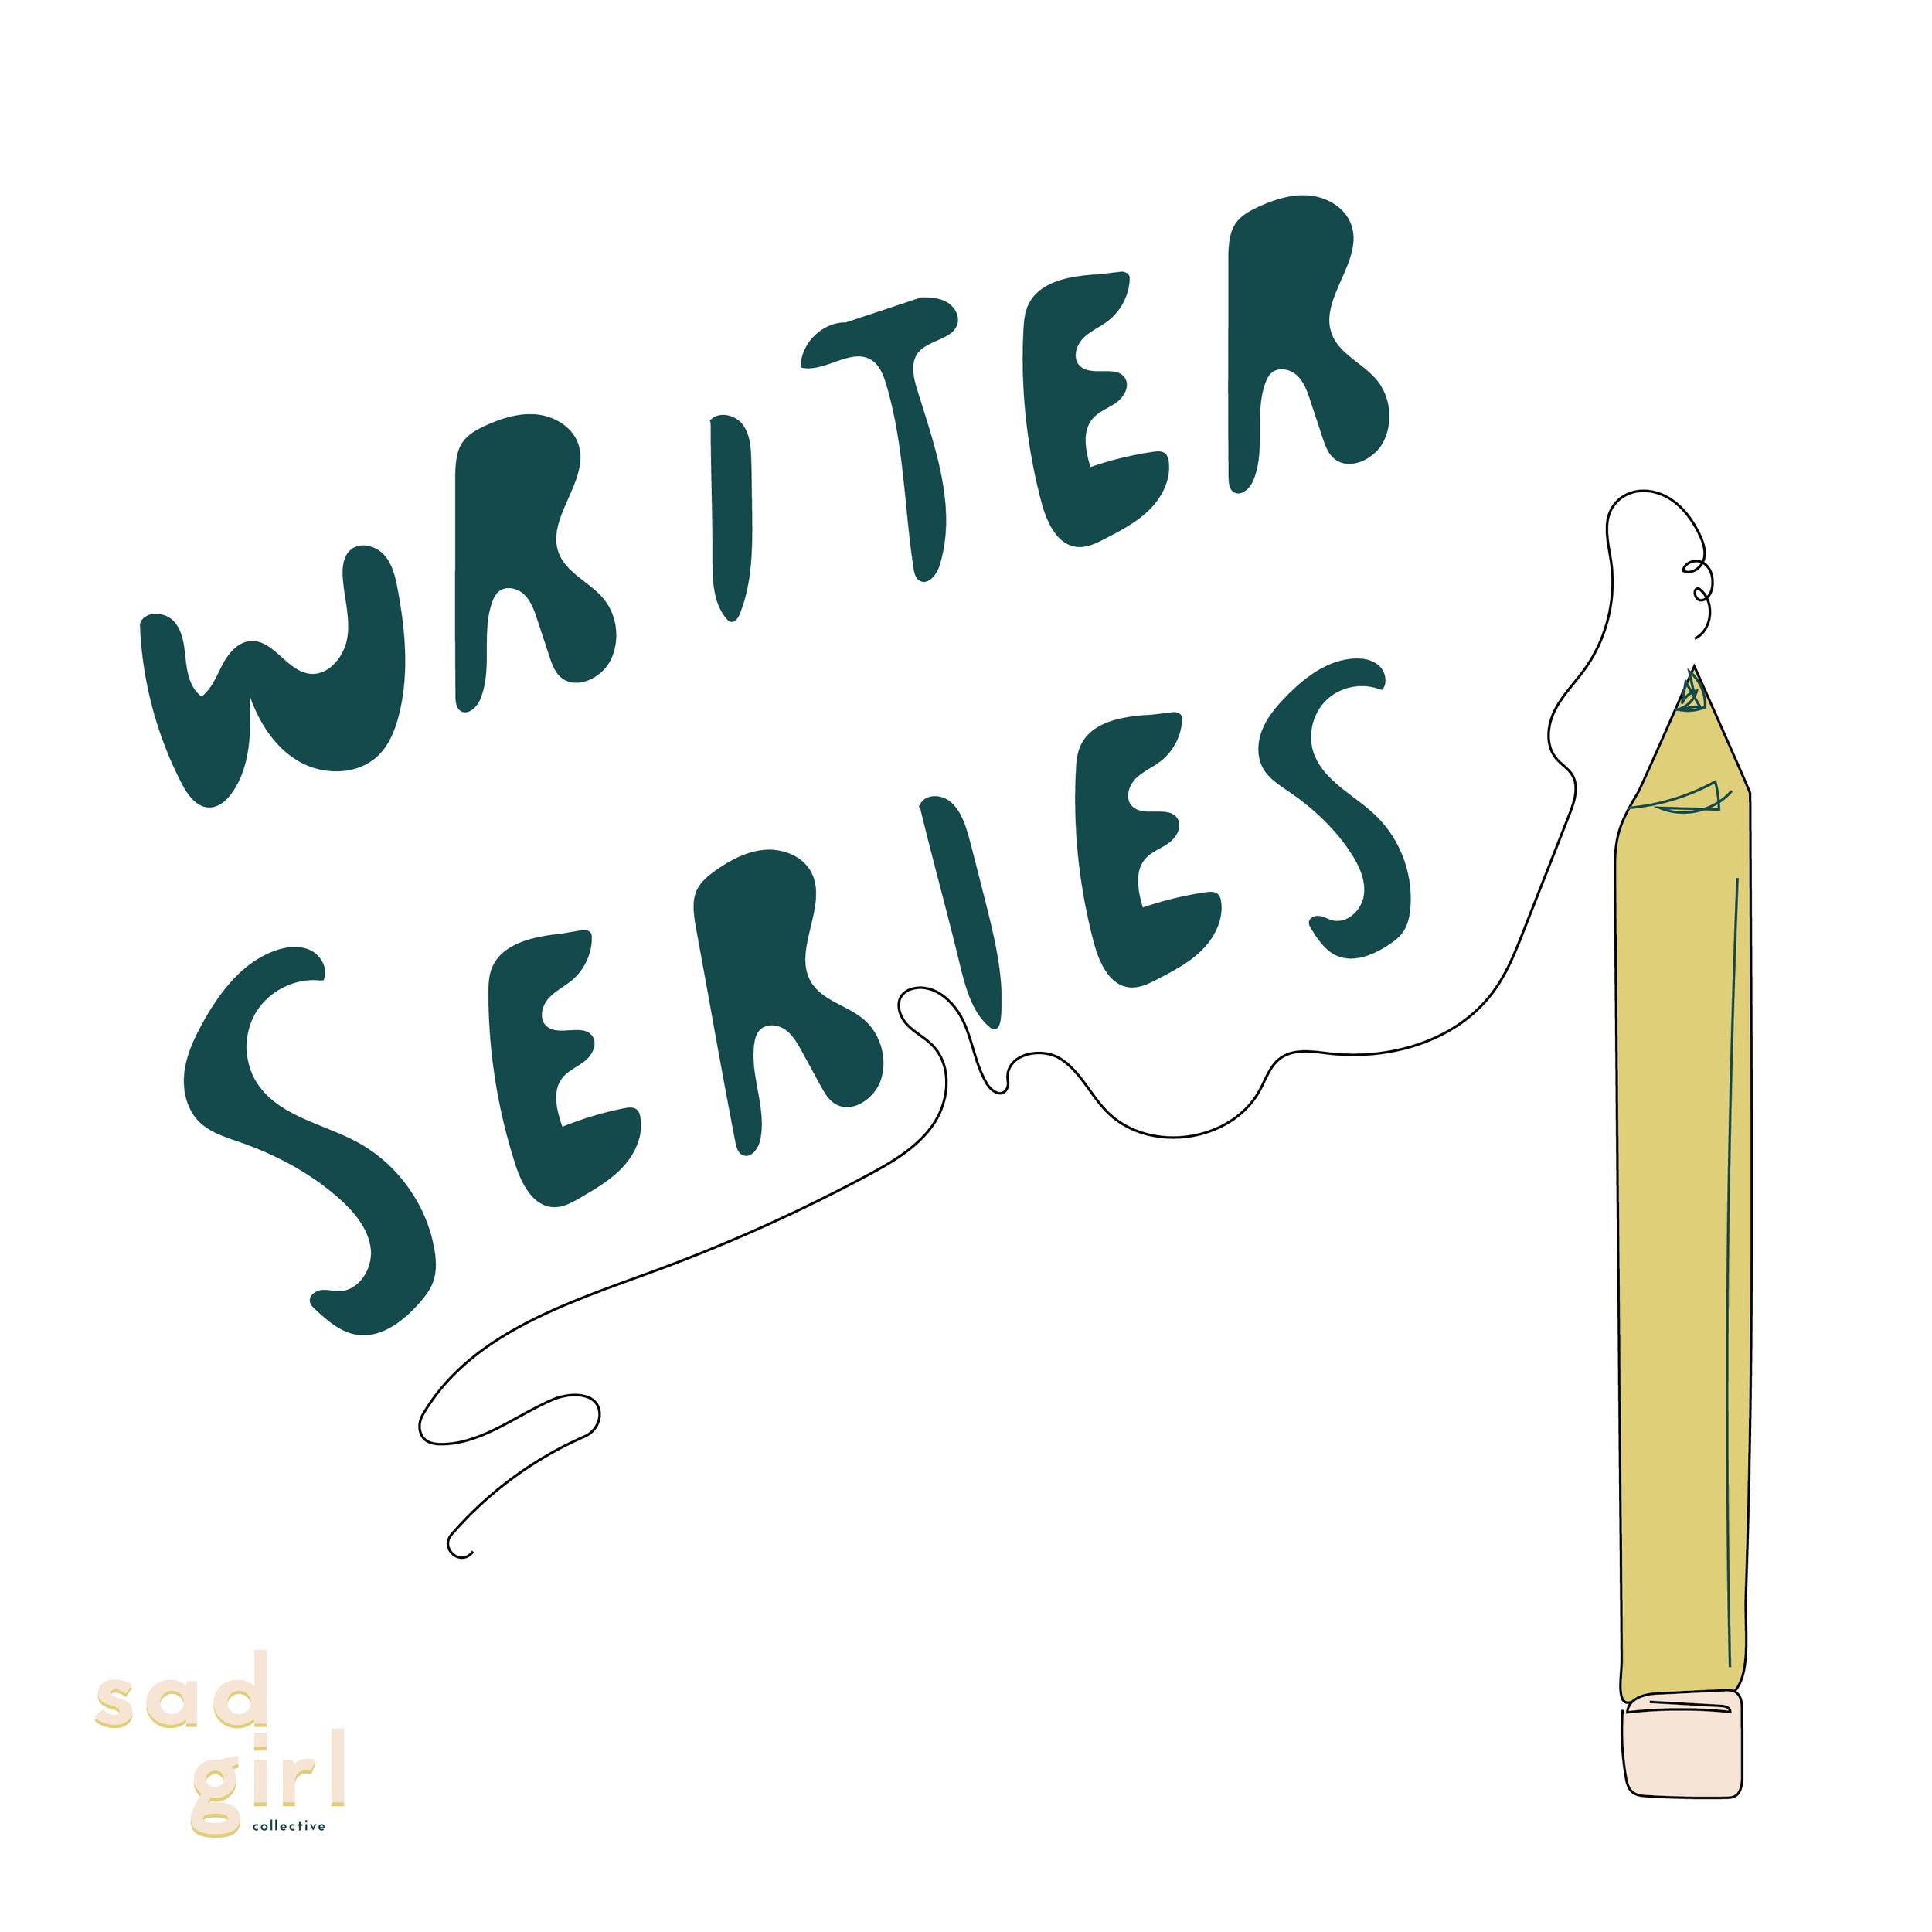 sgc gfx_2.25_writer series-01.png